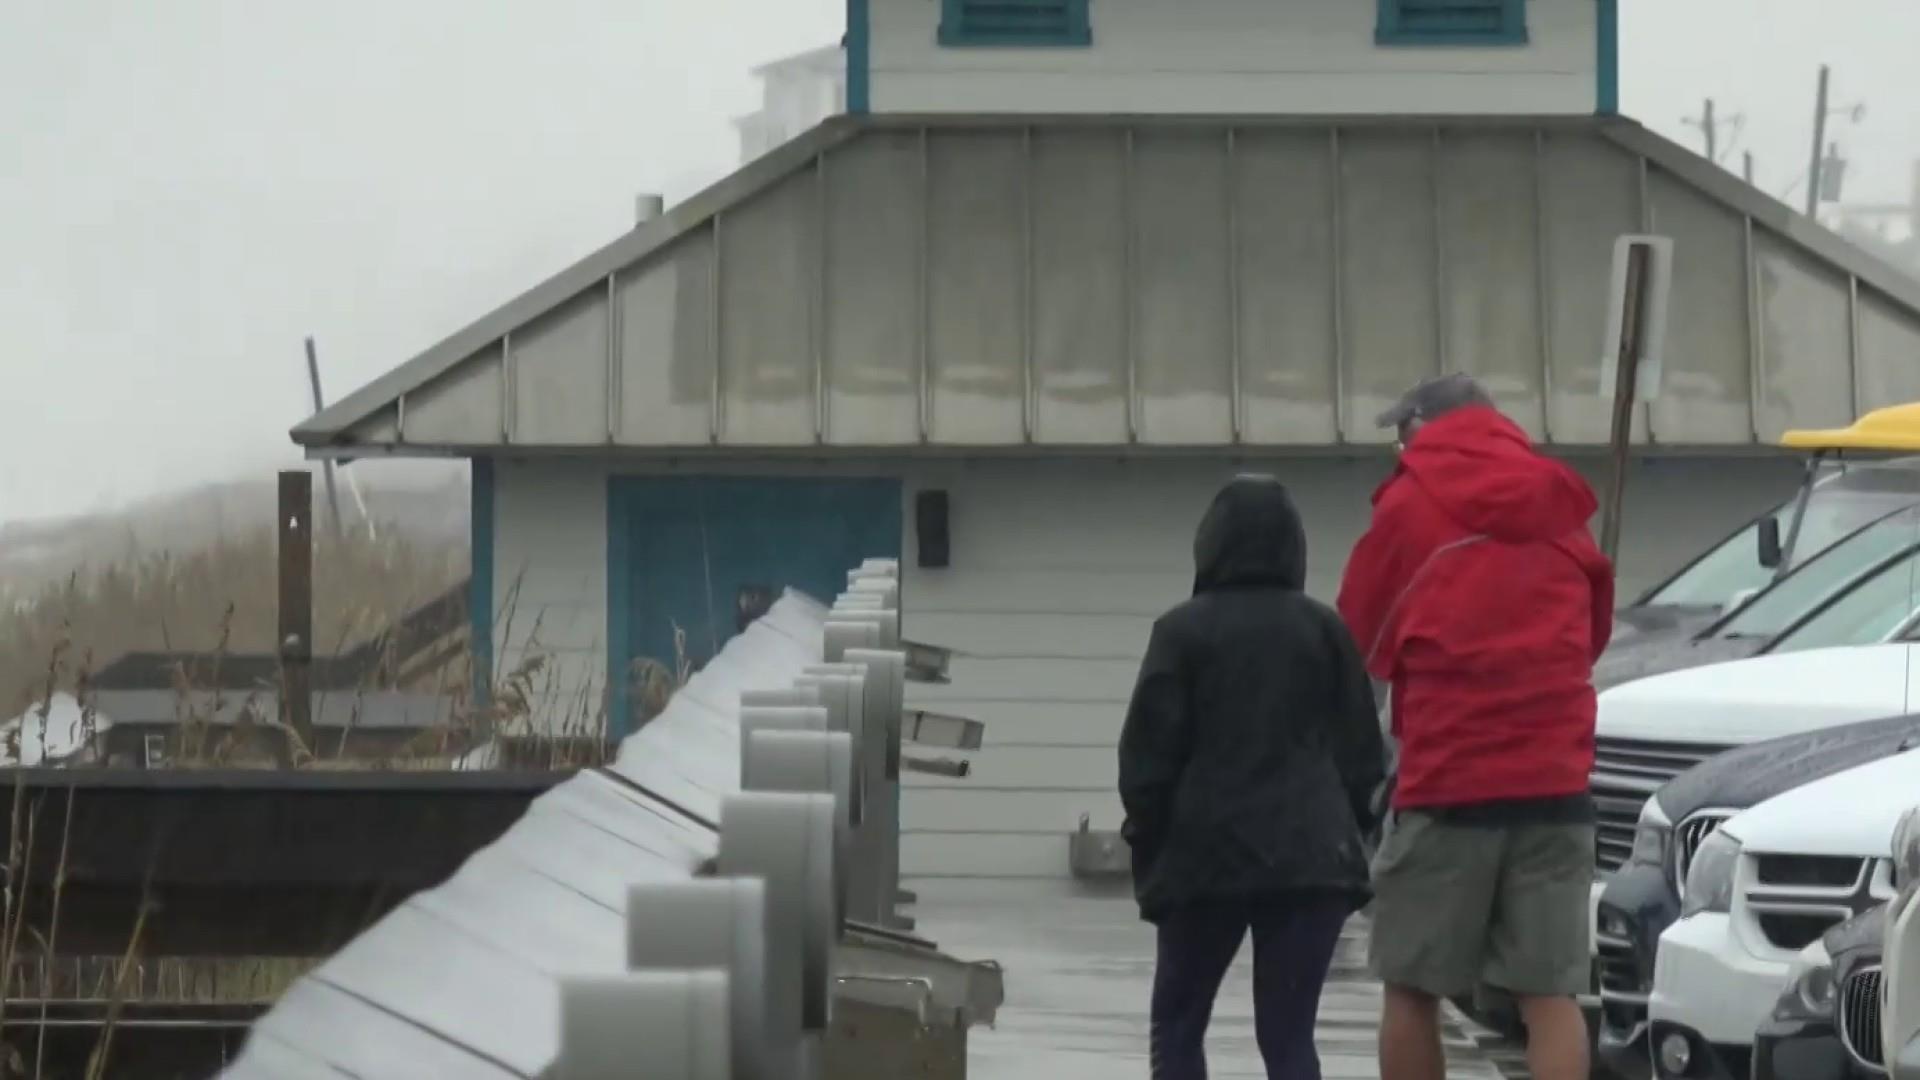 Florida panhandle braces for Tropical Storm Nestor